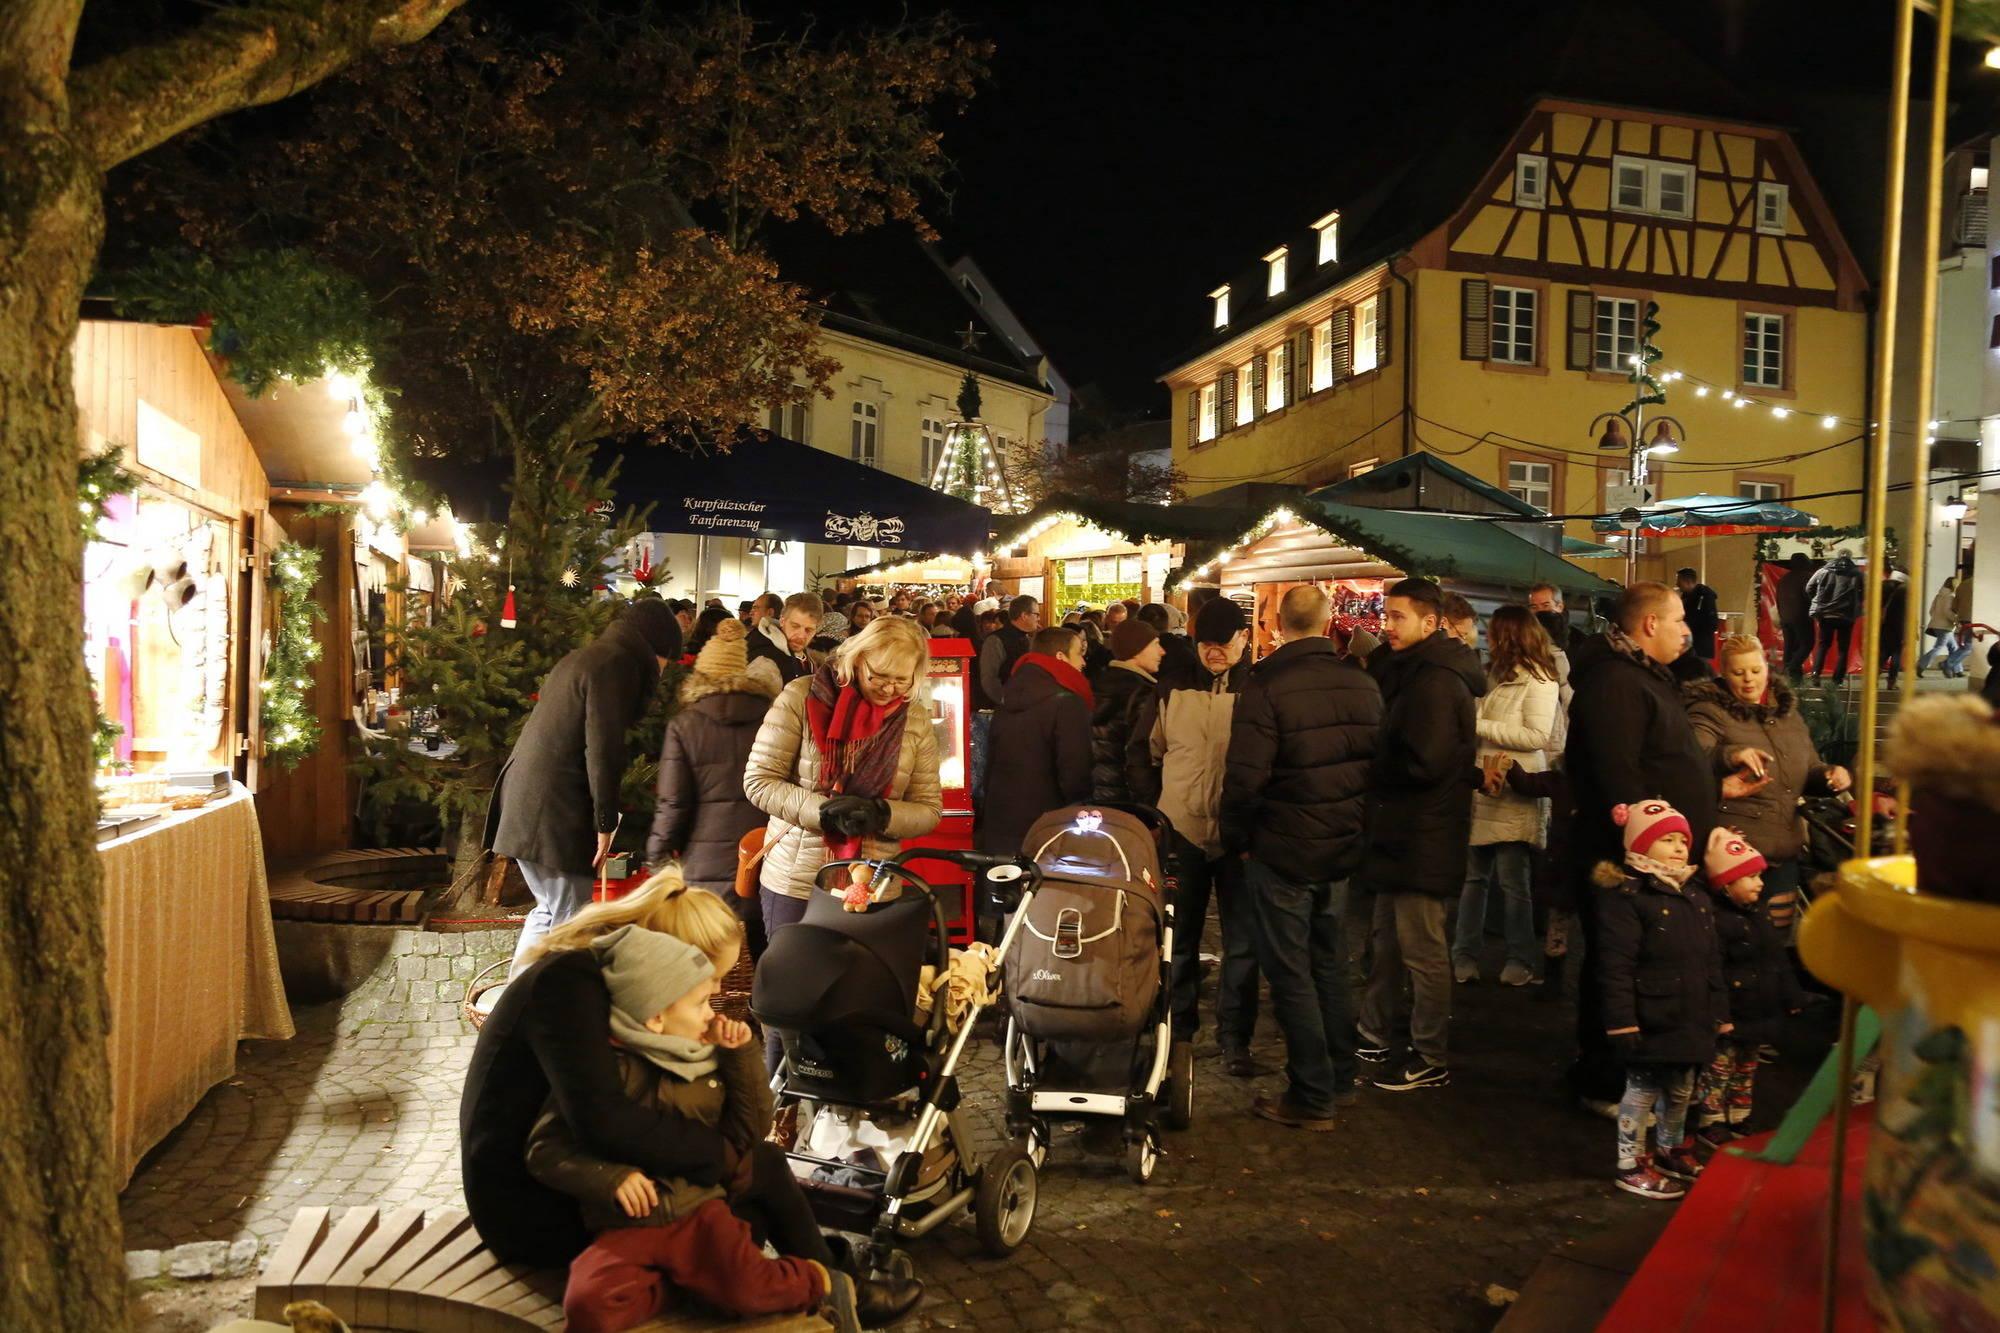 Weihnachtsgeschäft: Schöne Bescherung auch für den Einzelhandel ...